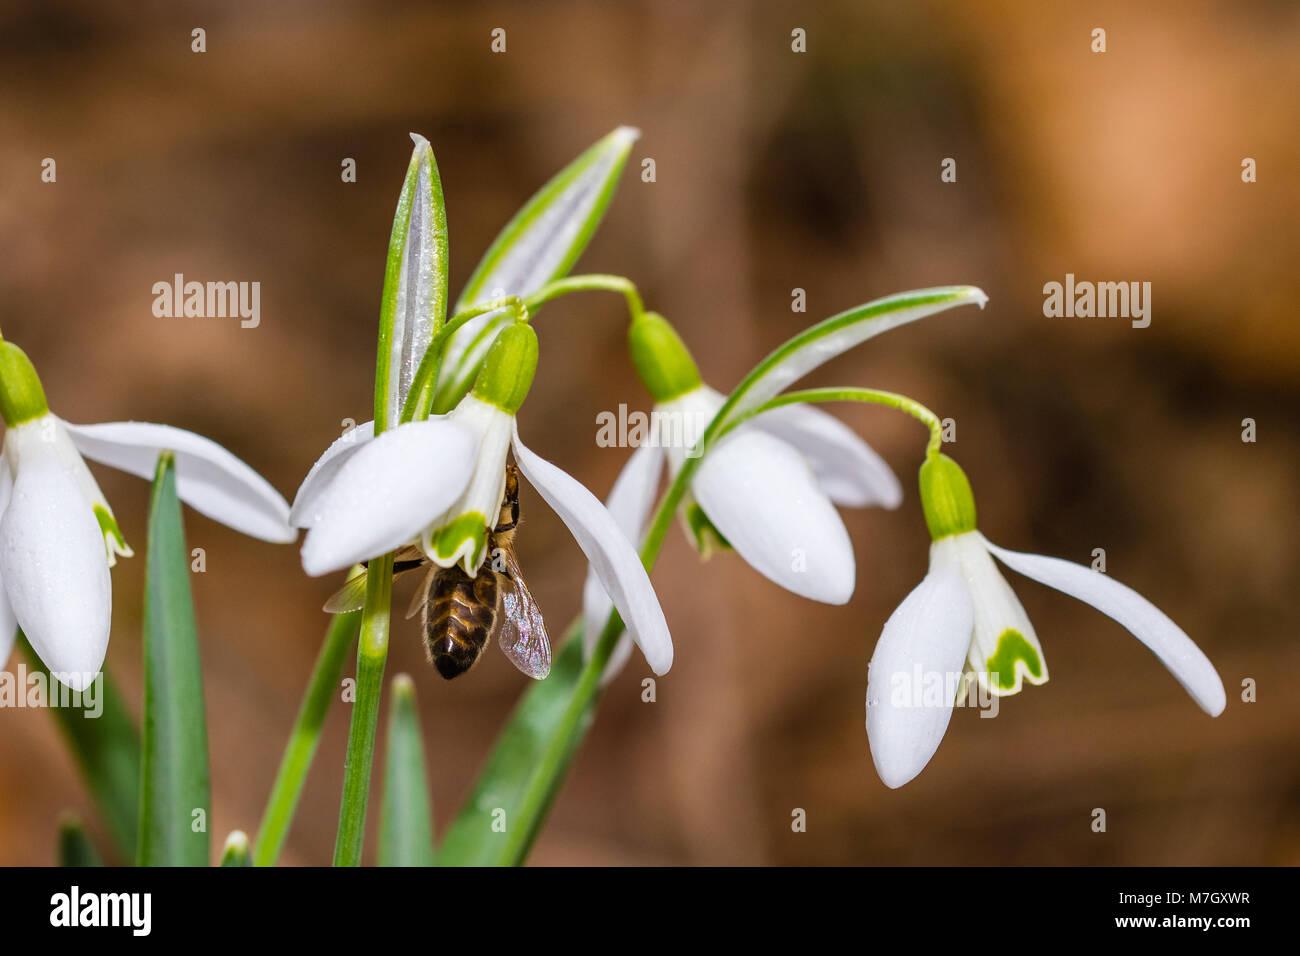 Kleine gemeinsame Schneeglöckchen Blüte im Frühjahr mit Biene im Inneren. Wassertropfen auf einem Stockbild